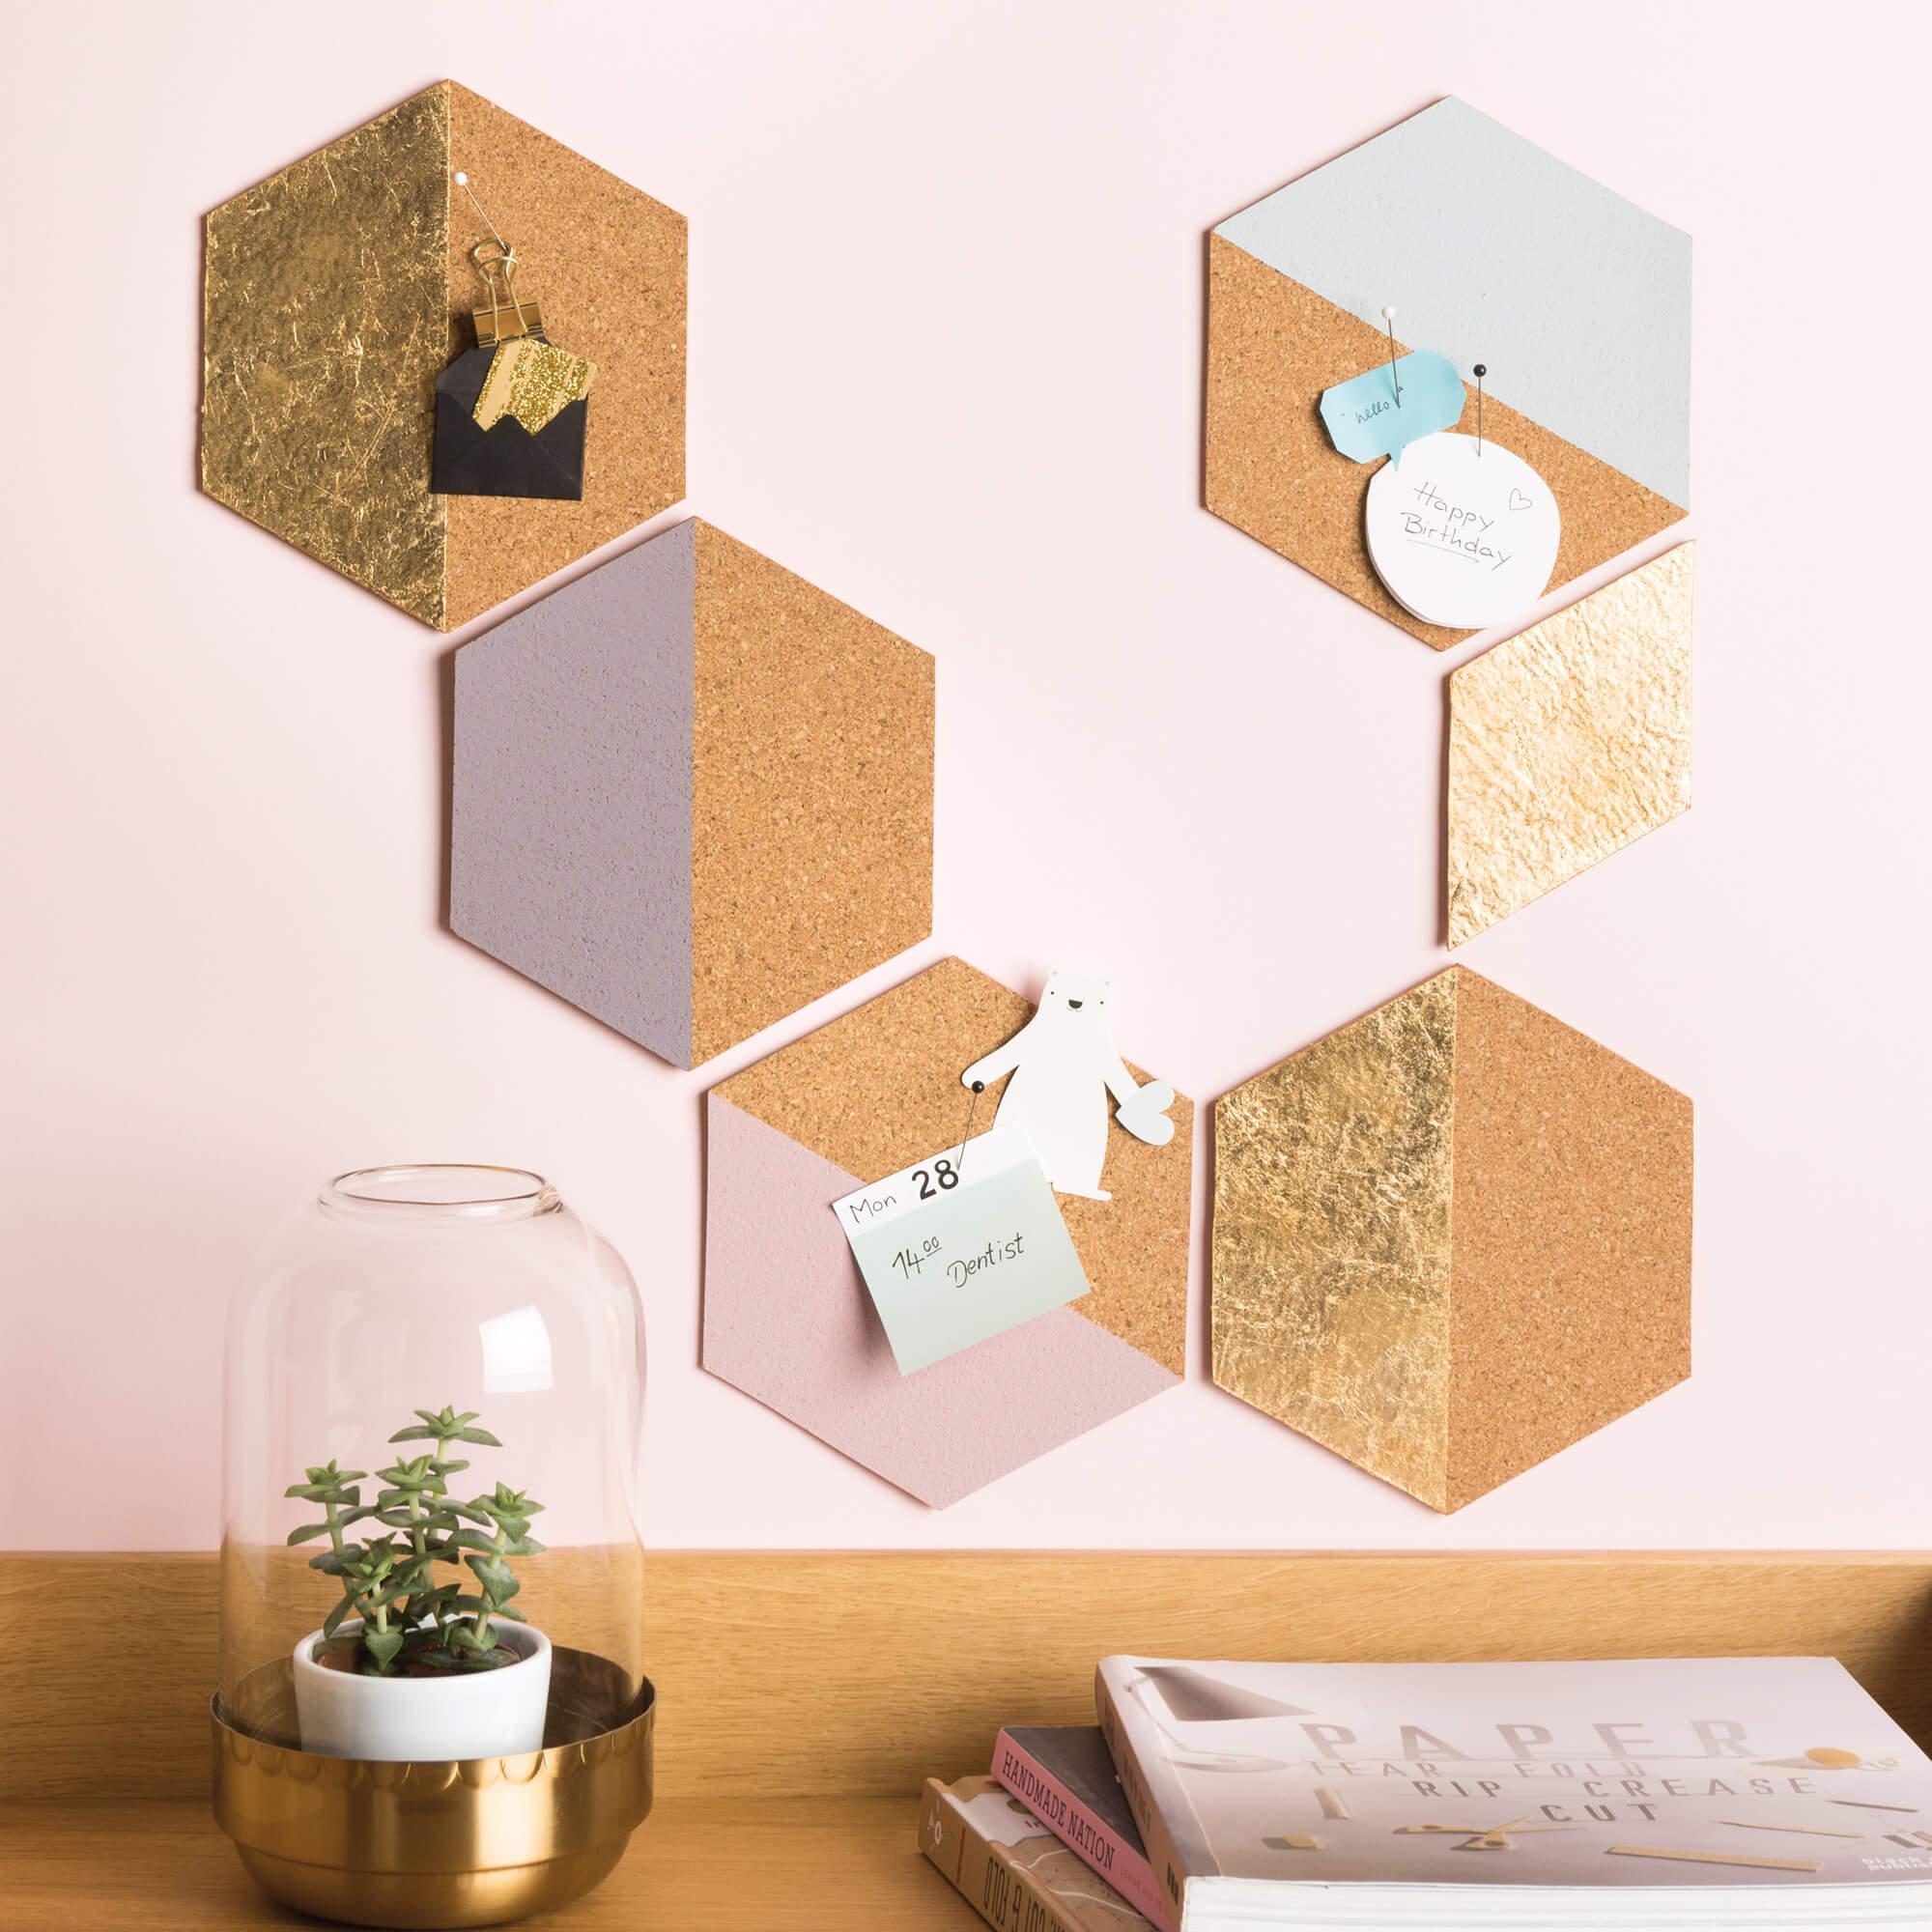 Pinnwand & Pinnwand aus Kork selber basteln » Gratis Anleitung